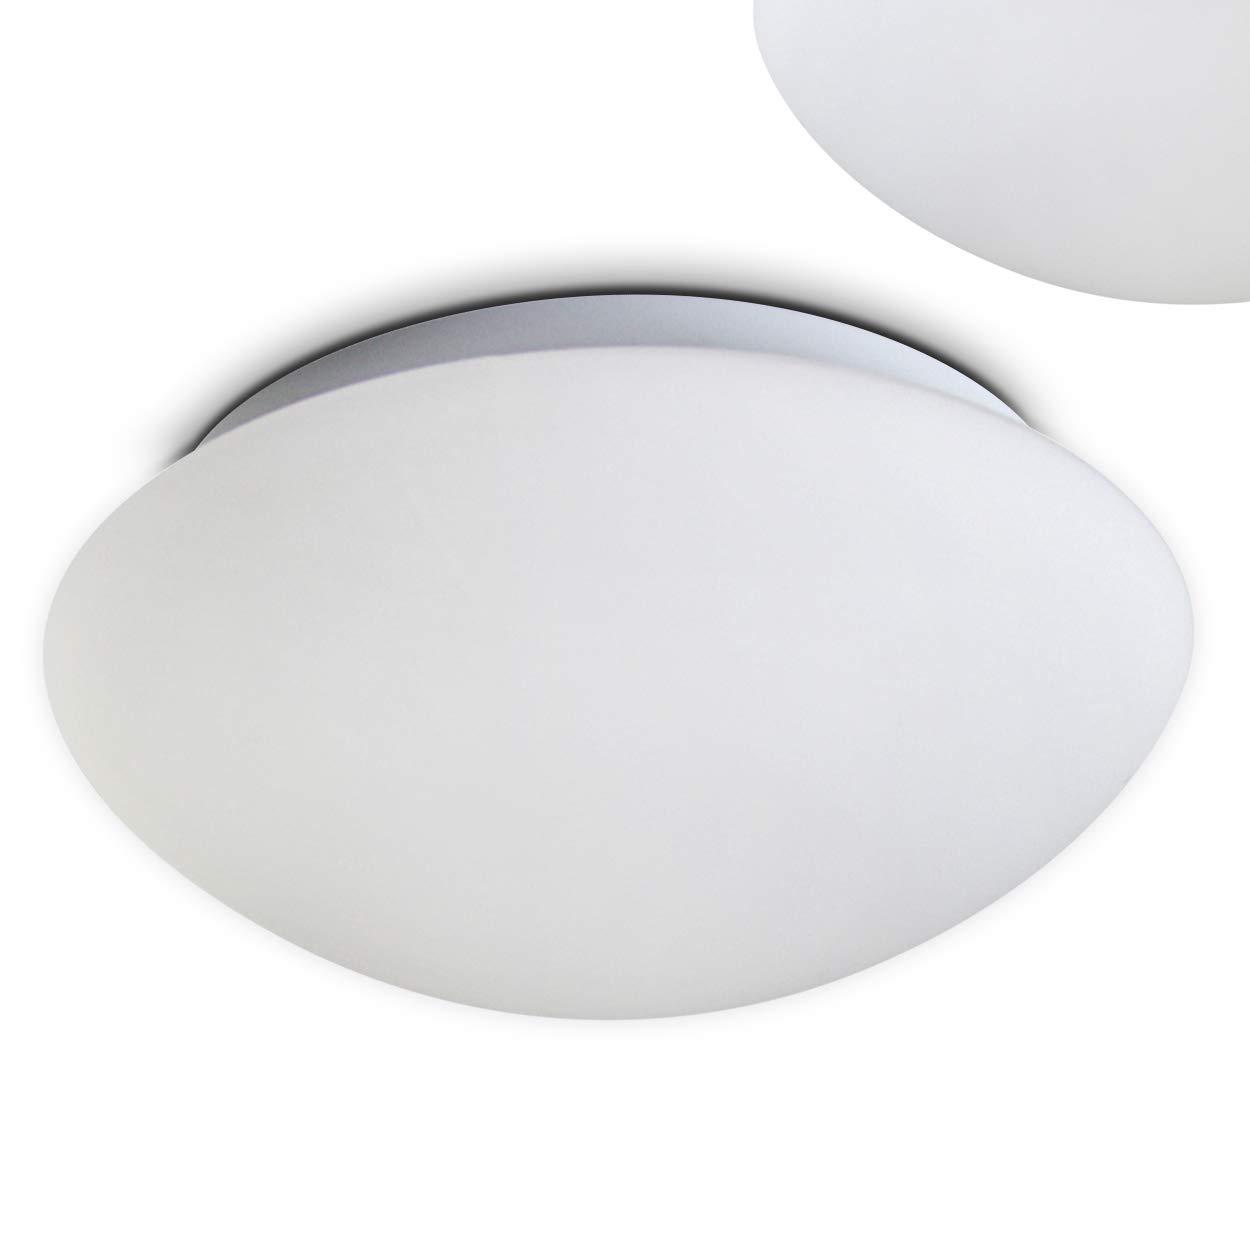 LED Echtglas Deckenleuchte 12 Watt - 2700 Kelvin - 960 Lumen - warmweiss auch für das Bad geeignet H320